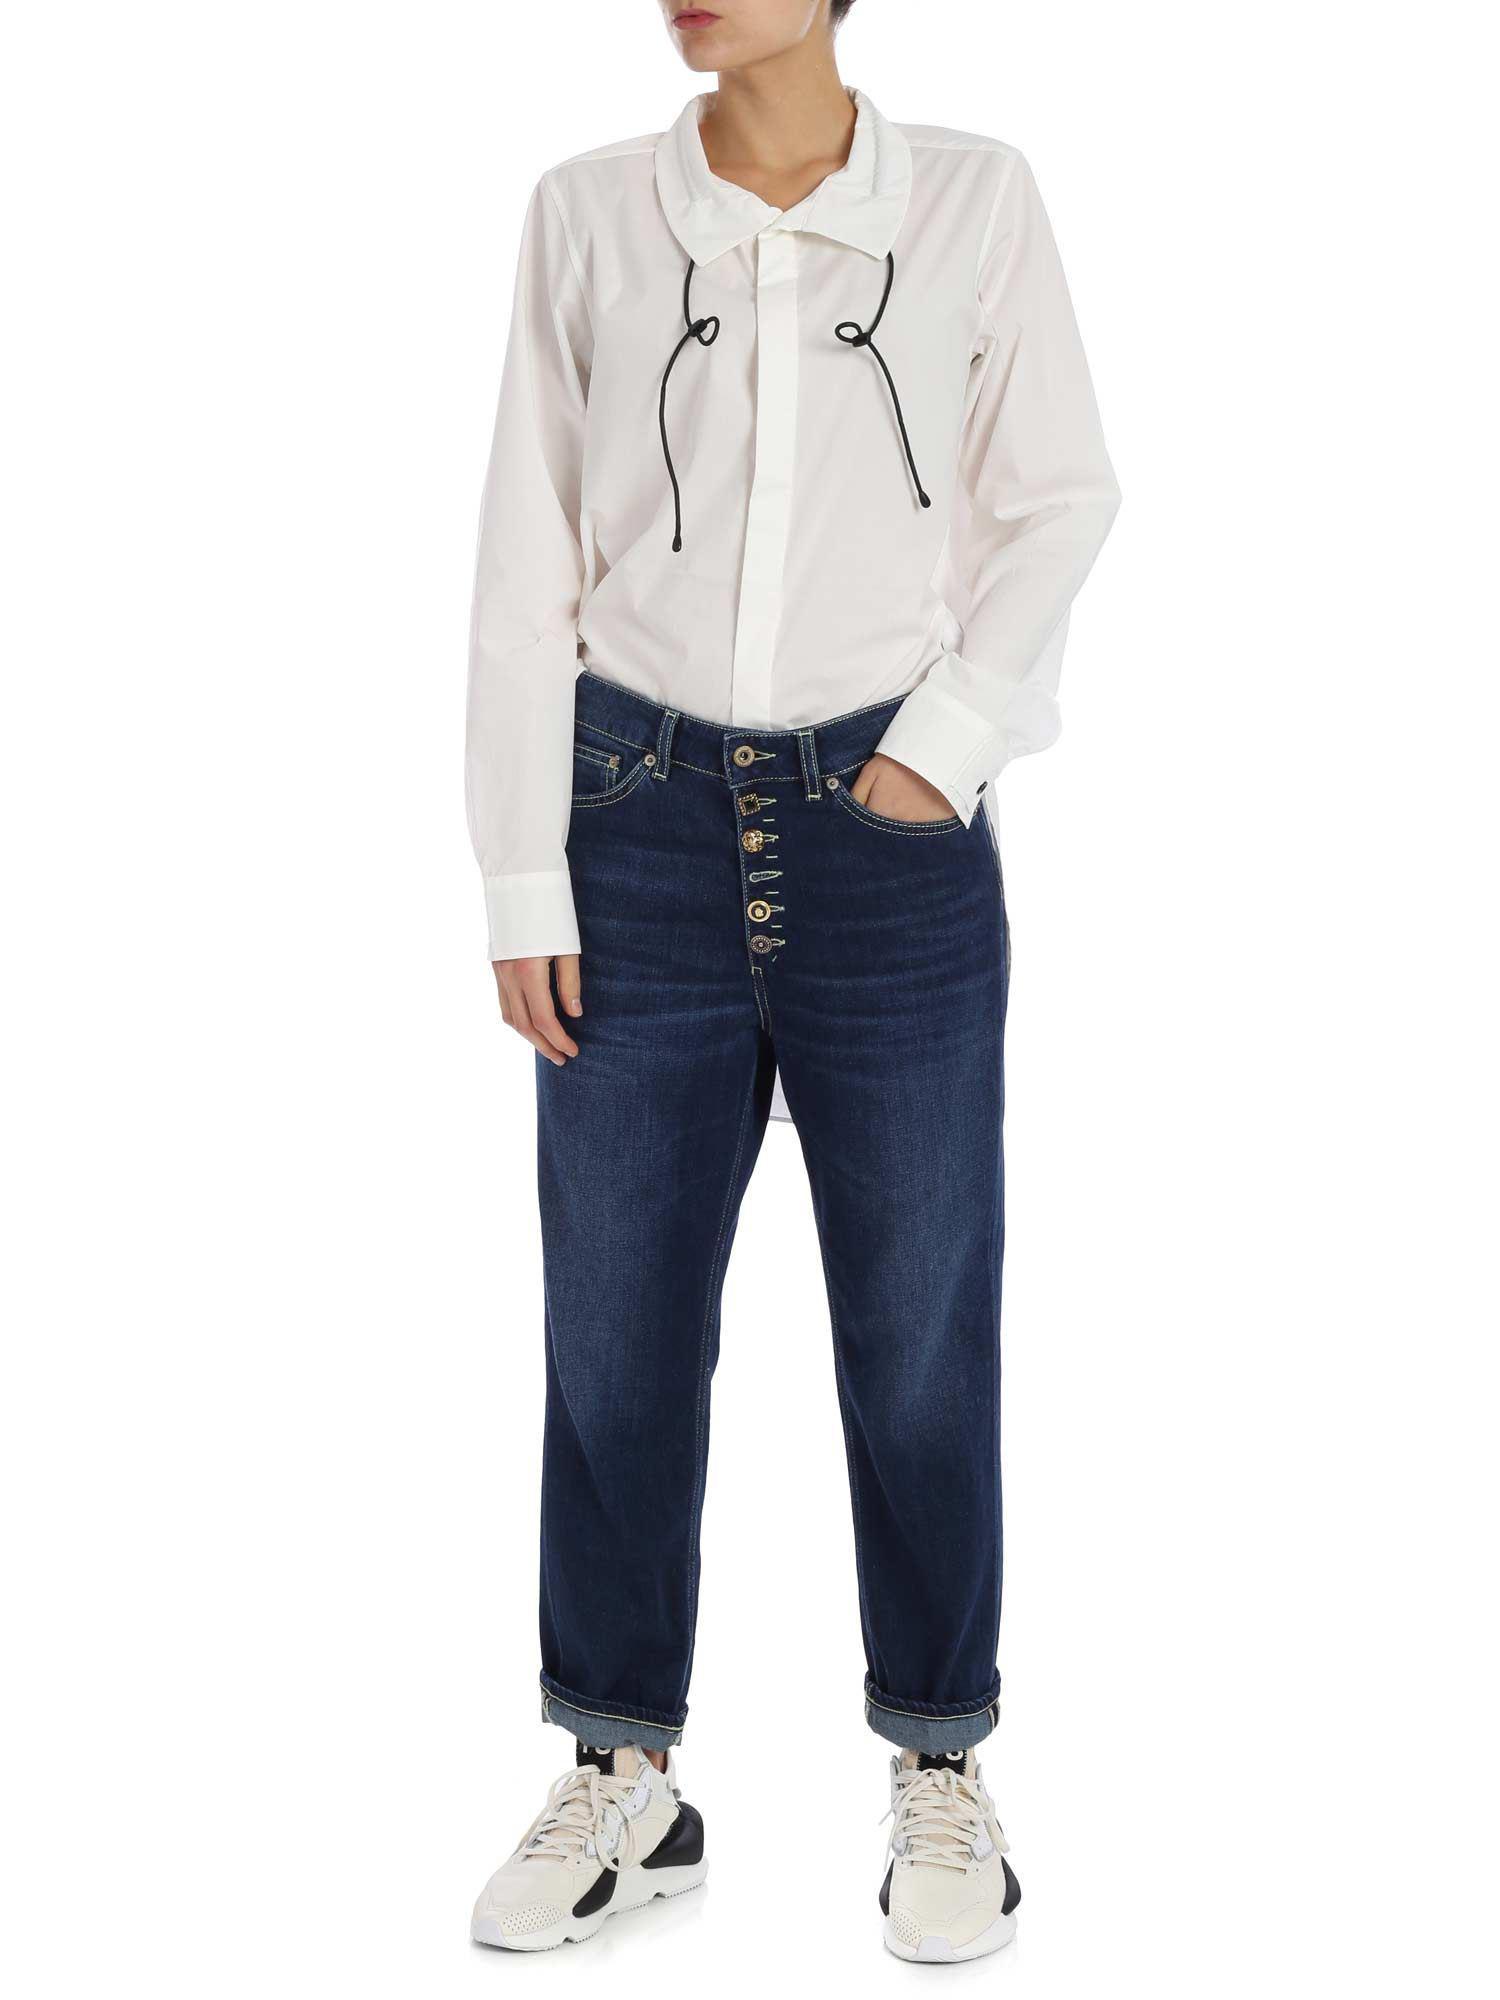 reputable site f132c 354bd y-3-white-White-tie-Cord-Shirt.jpeg